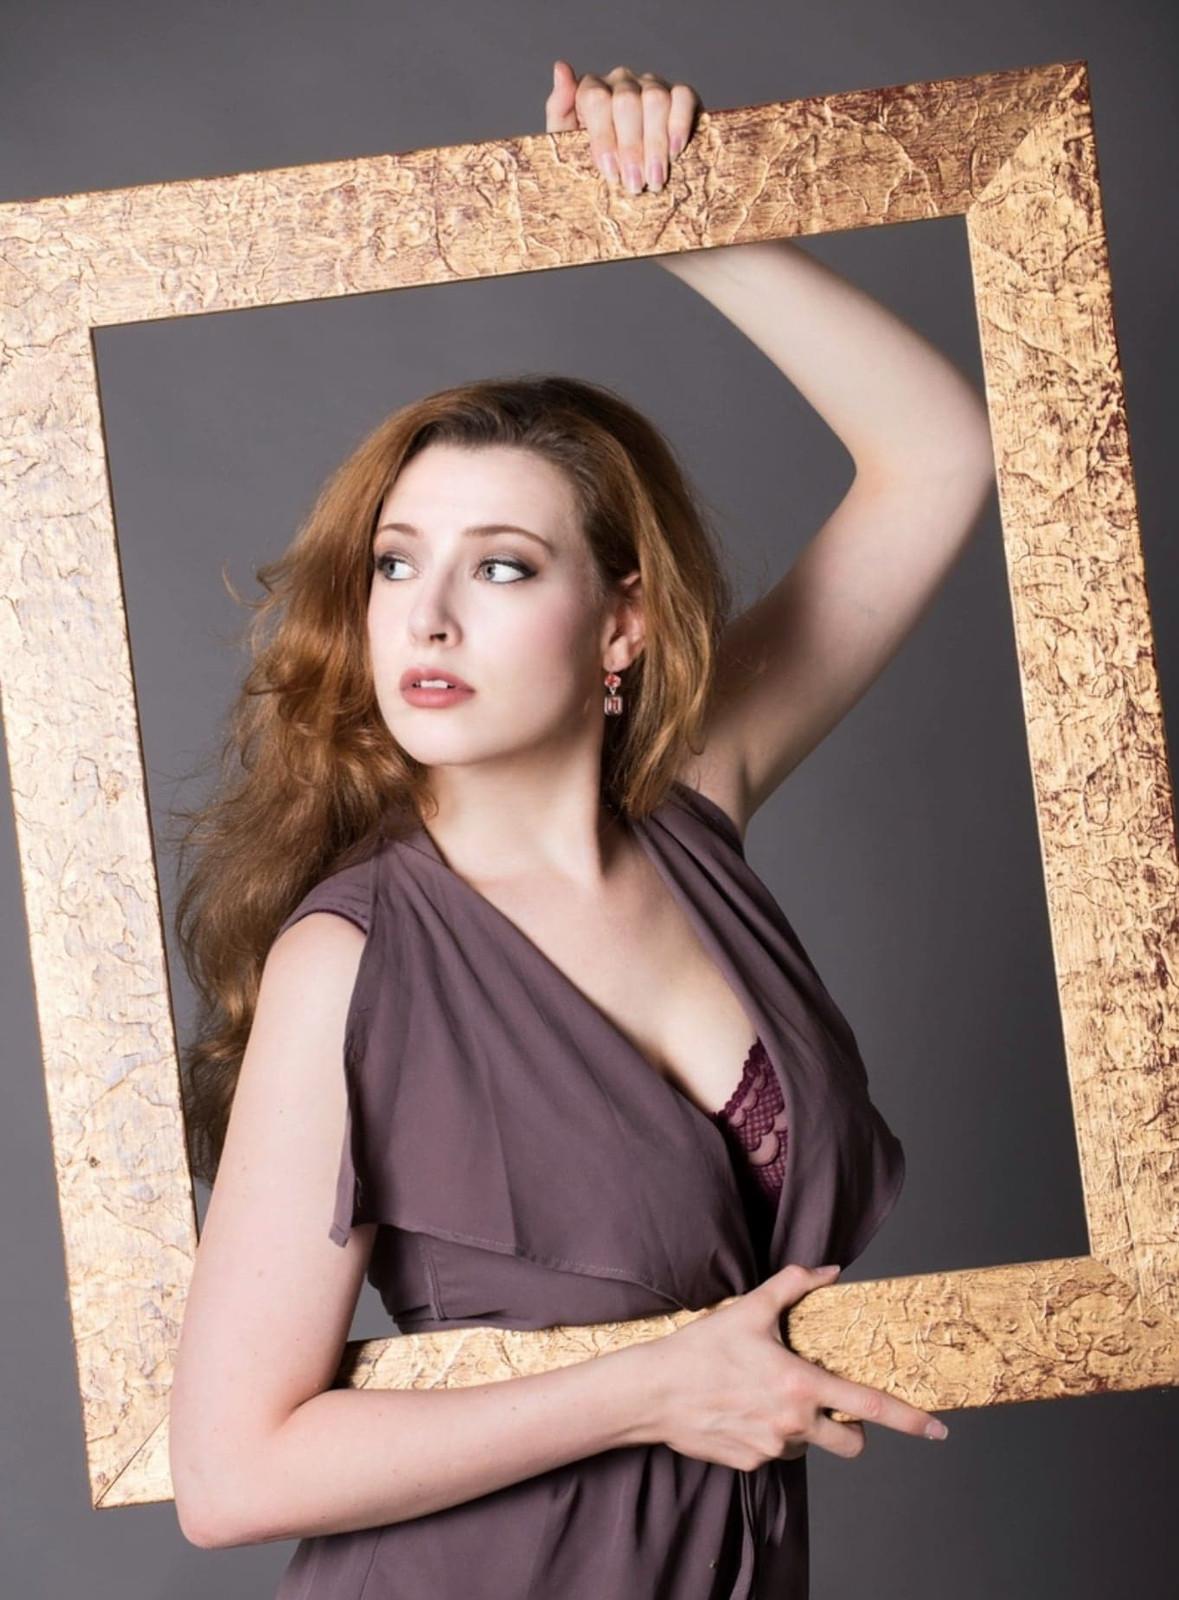 Sarah Faire Nude Photos 3